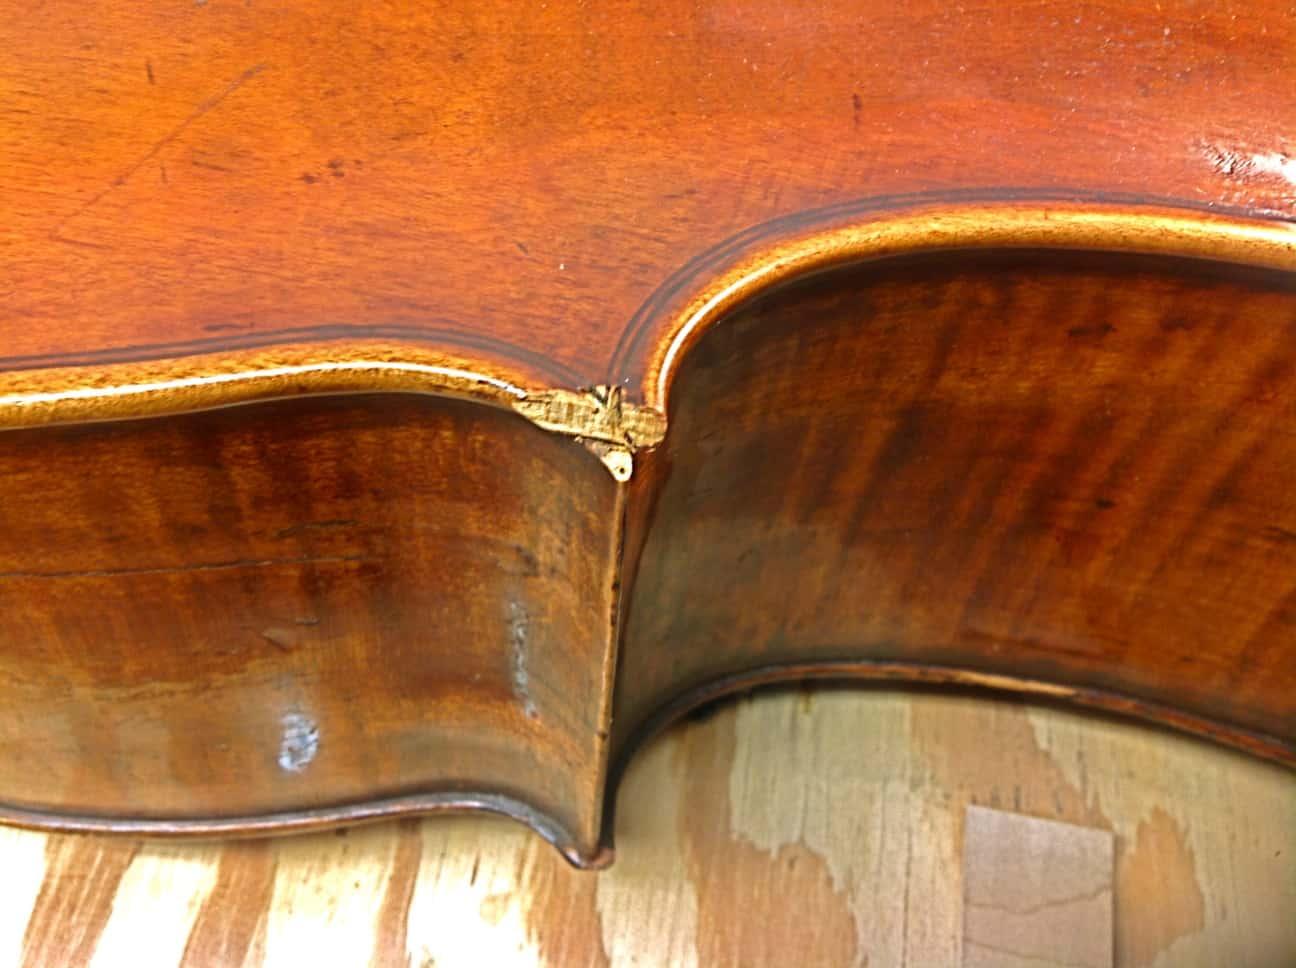 Violin Repair - BEFORE